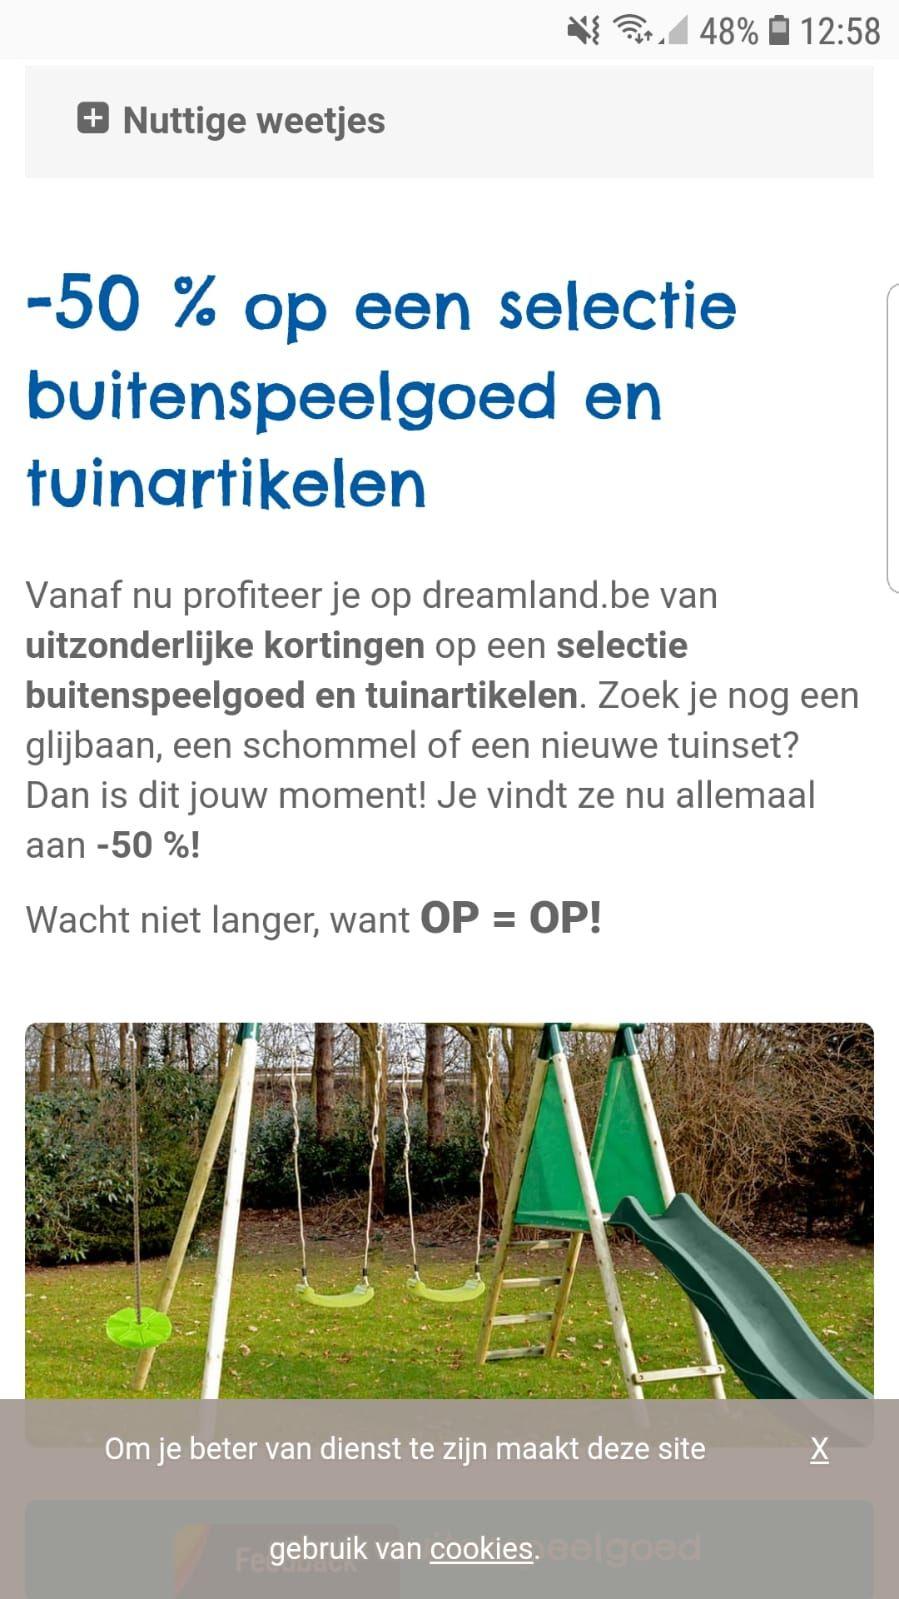 [grensdeal] 50% korting op een selectie van tuinartikelen en buitenspeelgoed